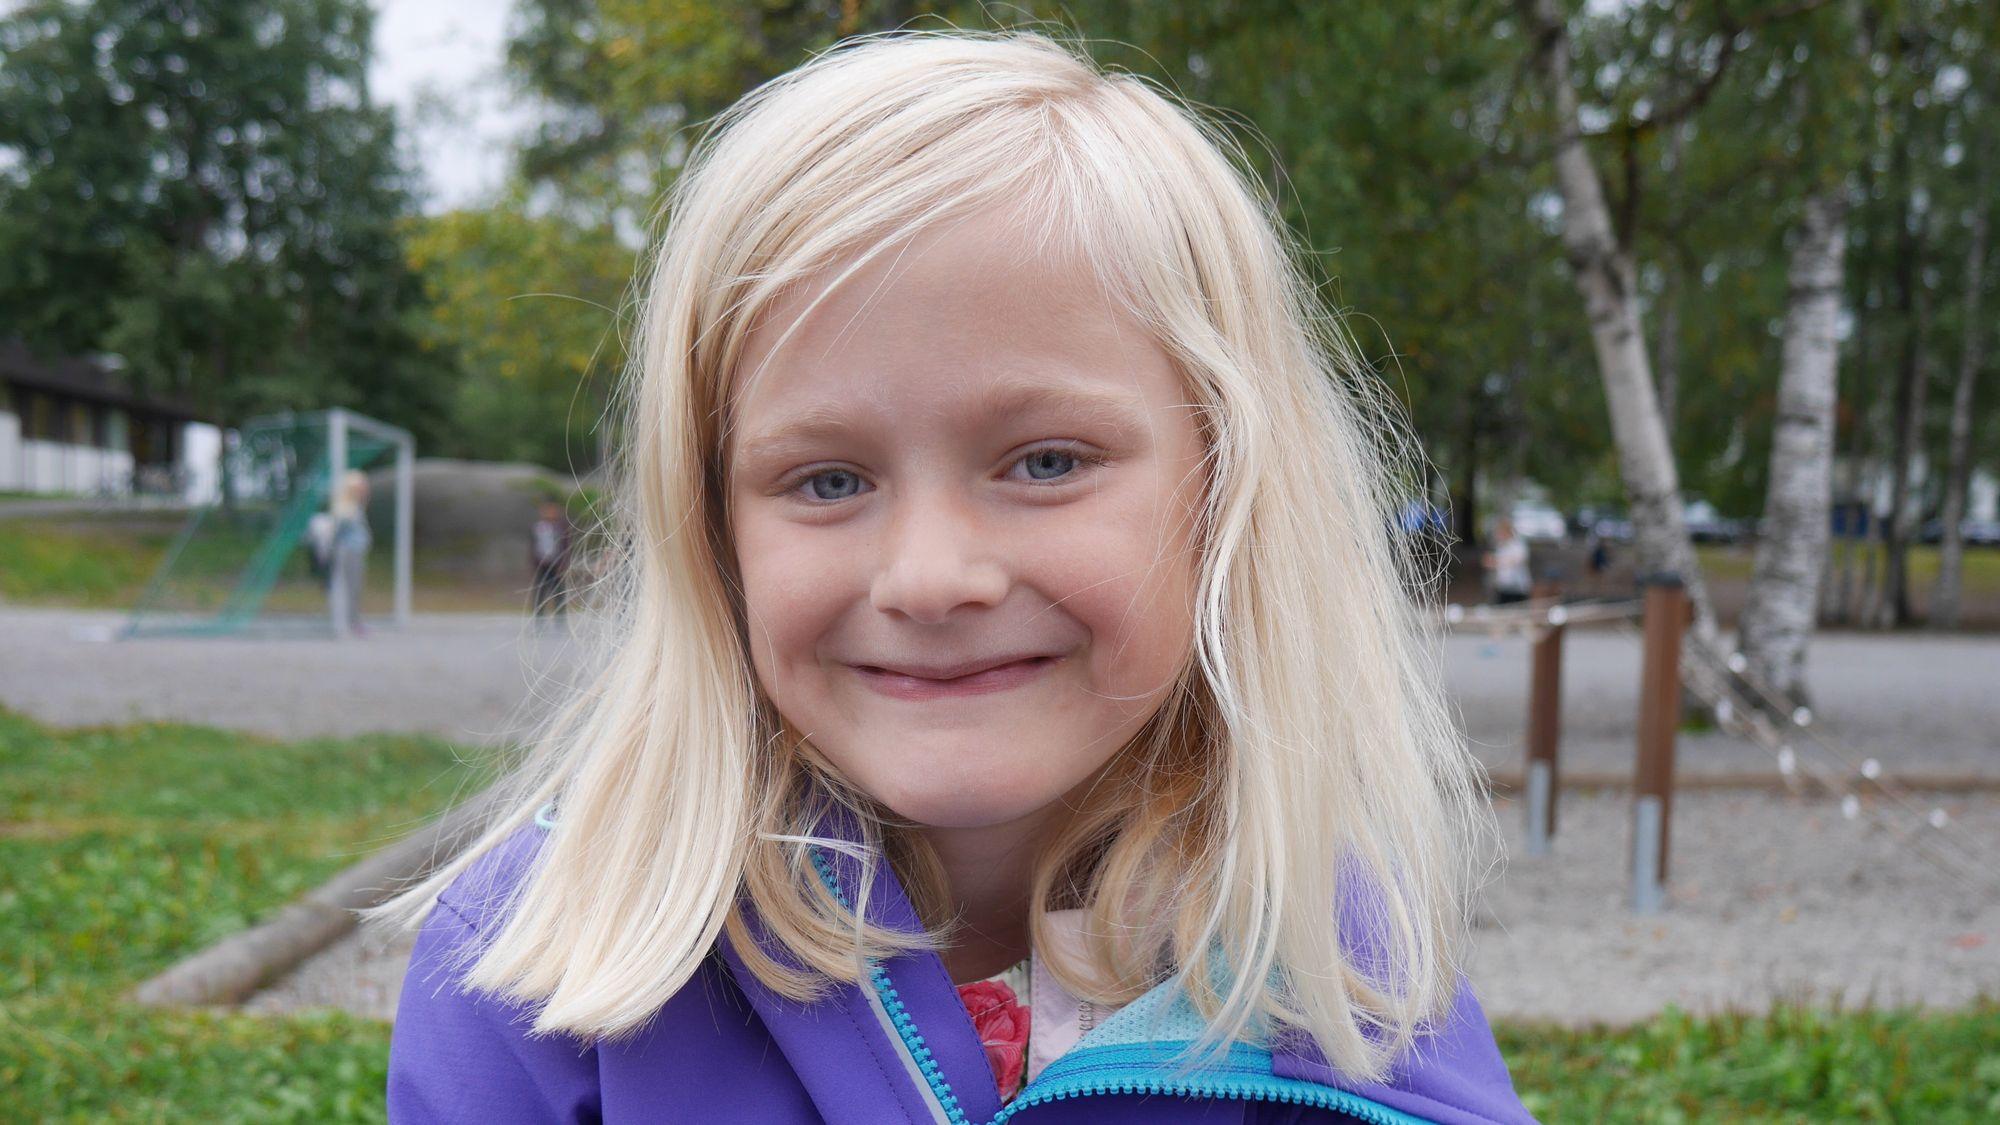 SOMMERFUGLER I MAGEN: Johanne Thingnæs Lid, klasse 1A på Sofiemyrtoppen, koste seg på første skoledag.